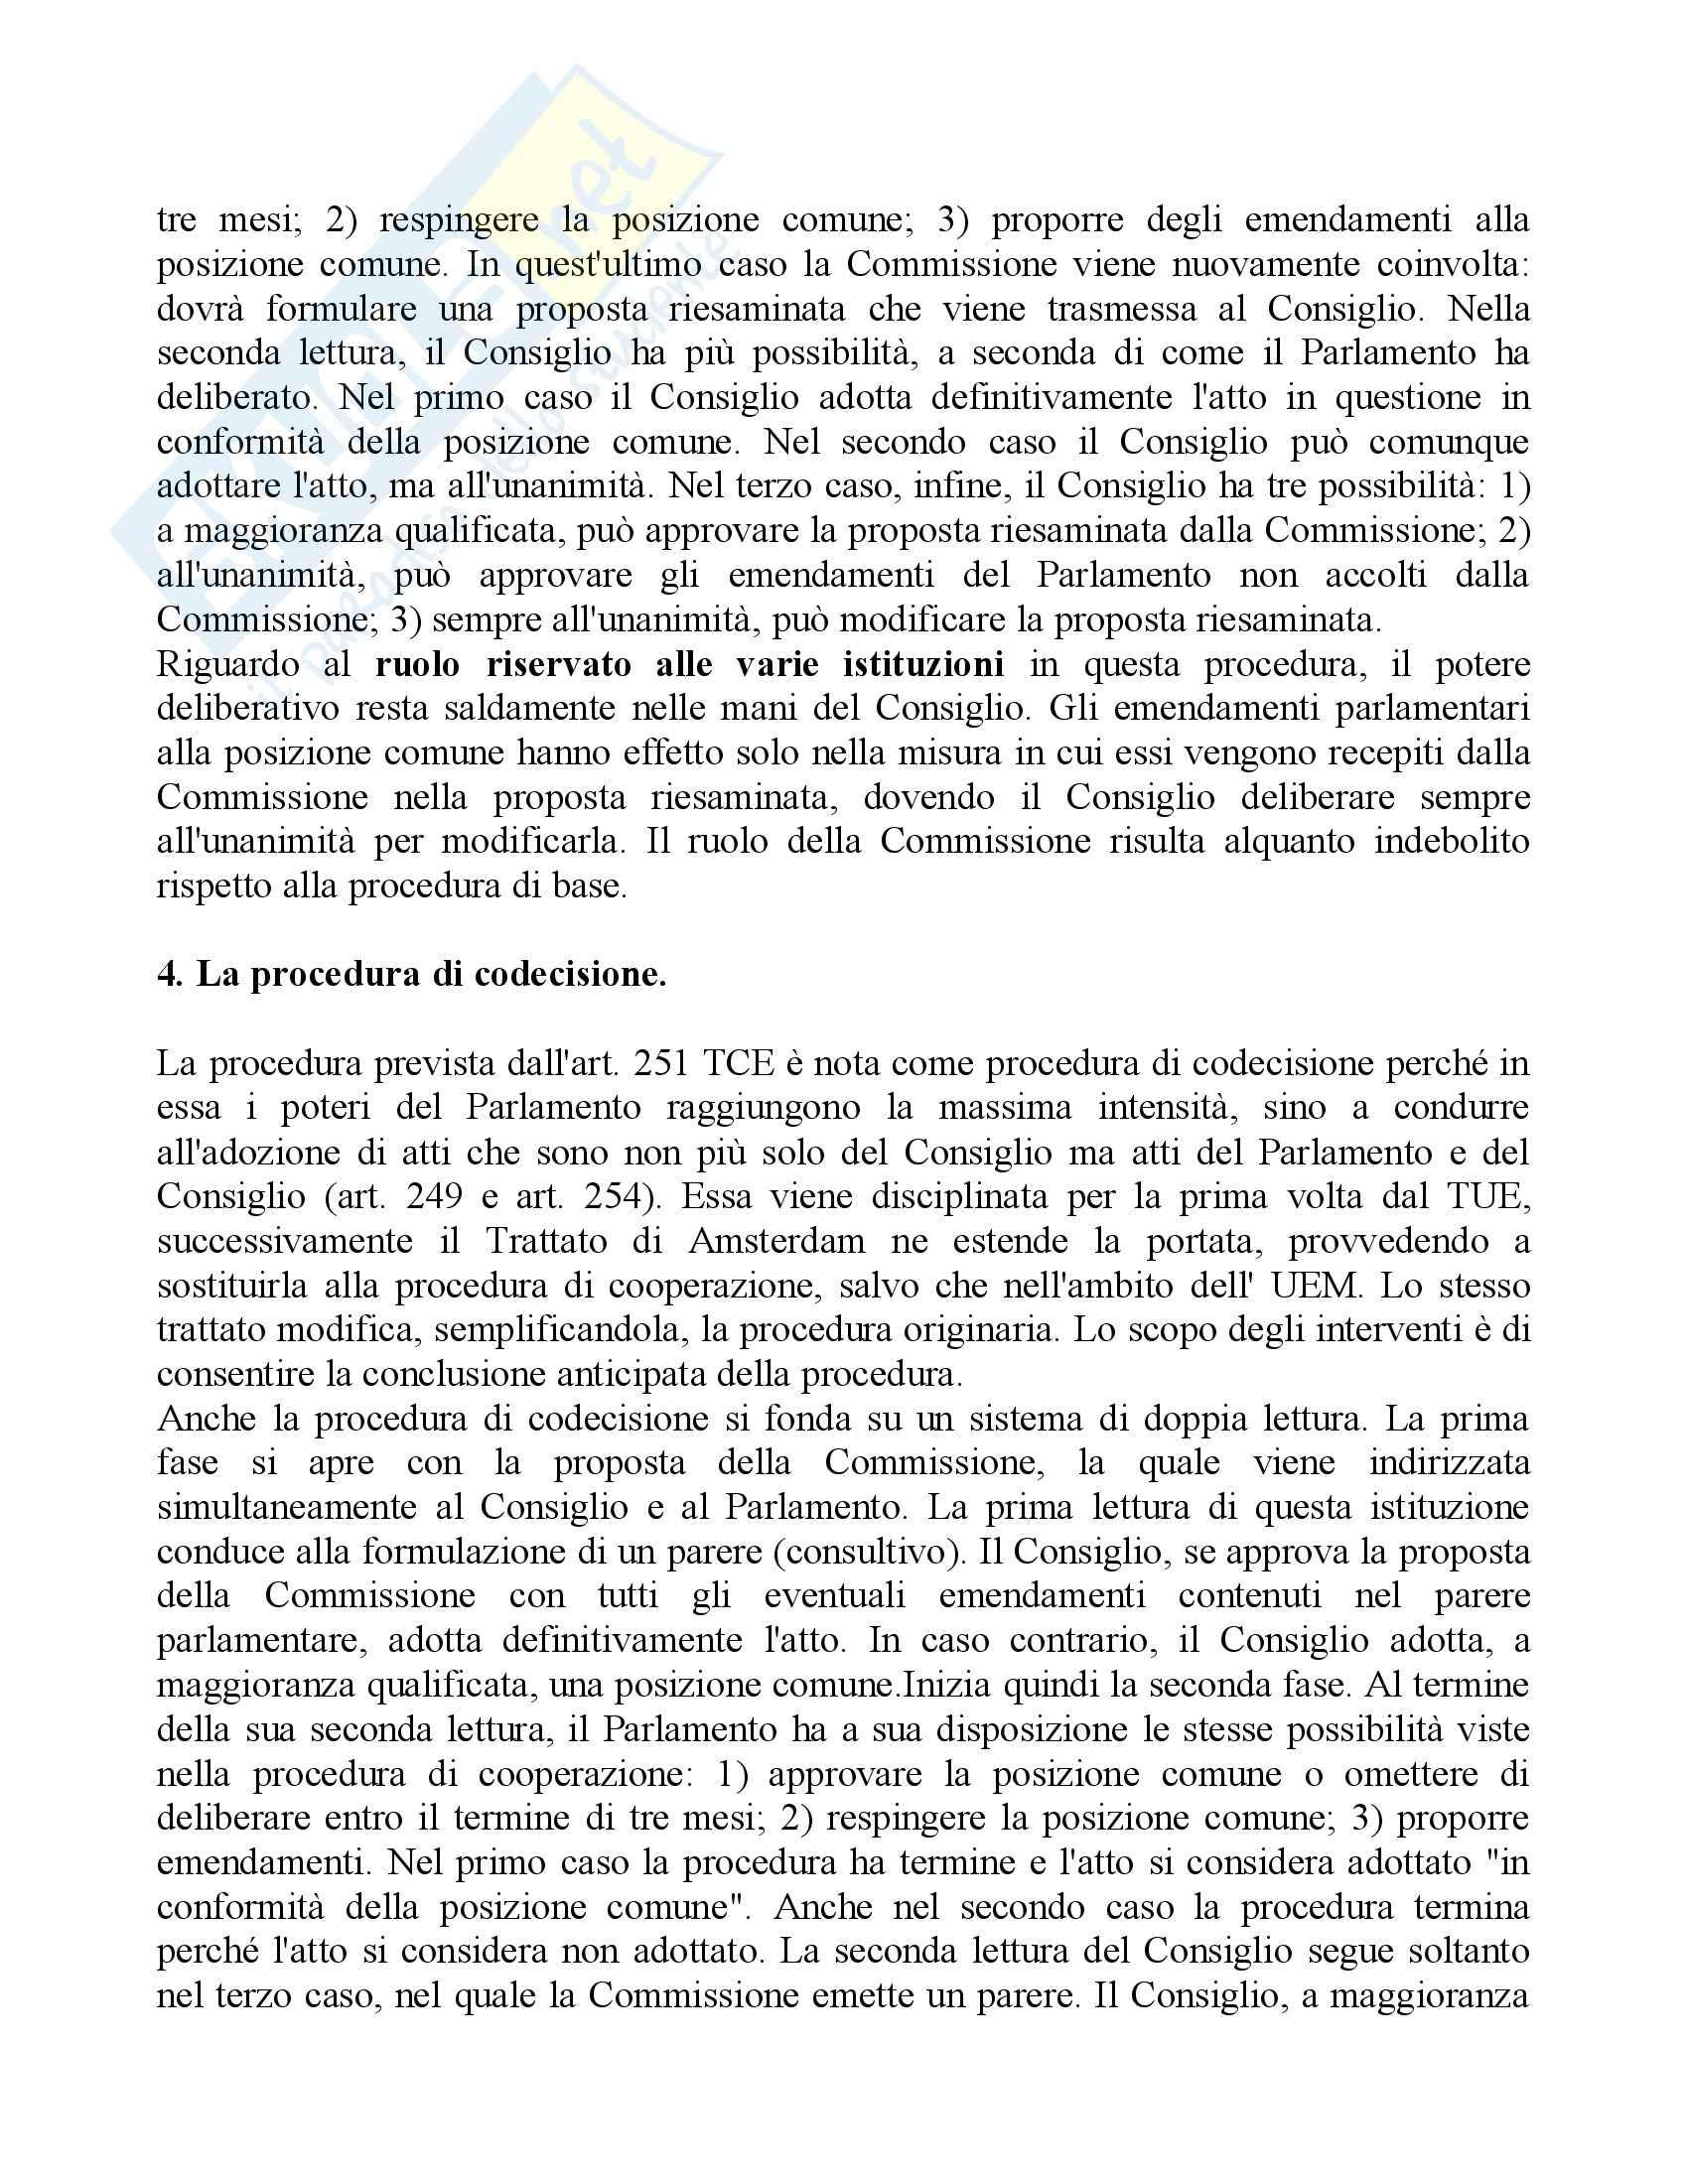 Riassunto esame Diritto dell'Unione Europea, prof. Cortese, libro consigliato Diritto dell'Unione Europea, Daniele Pag. 26